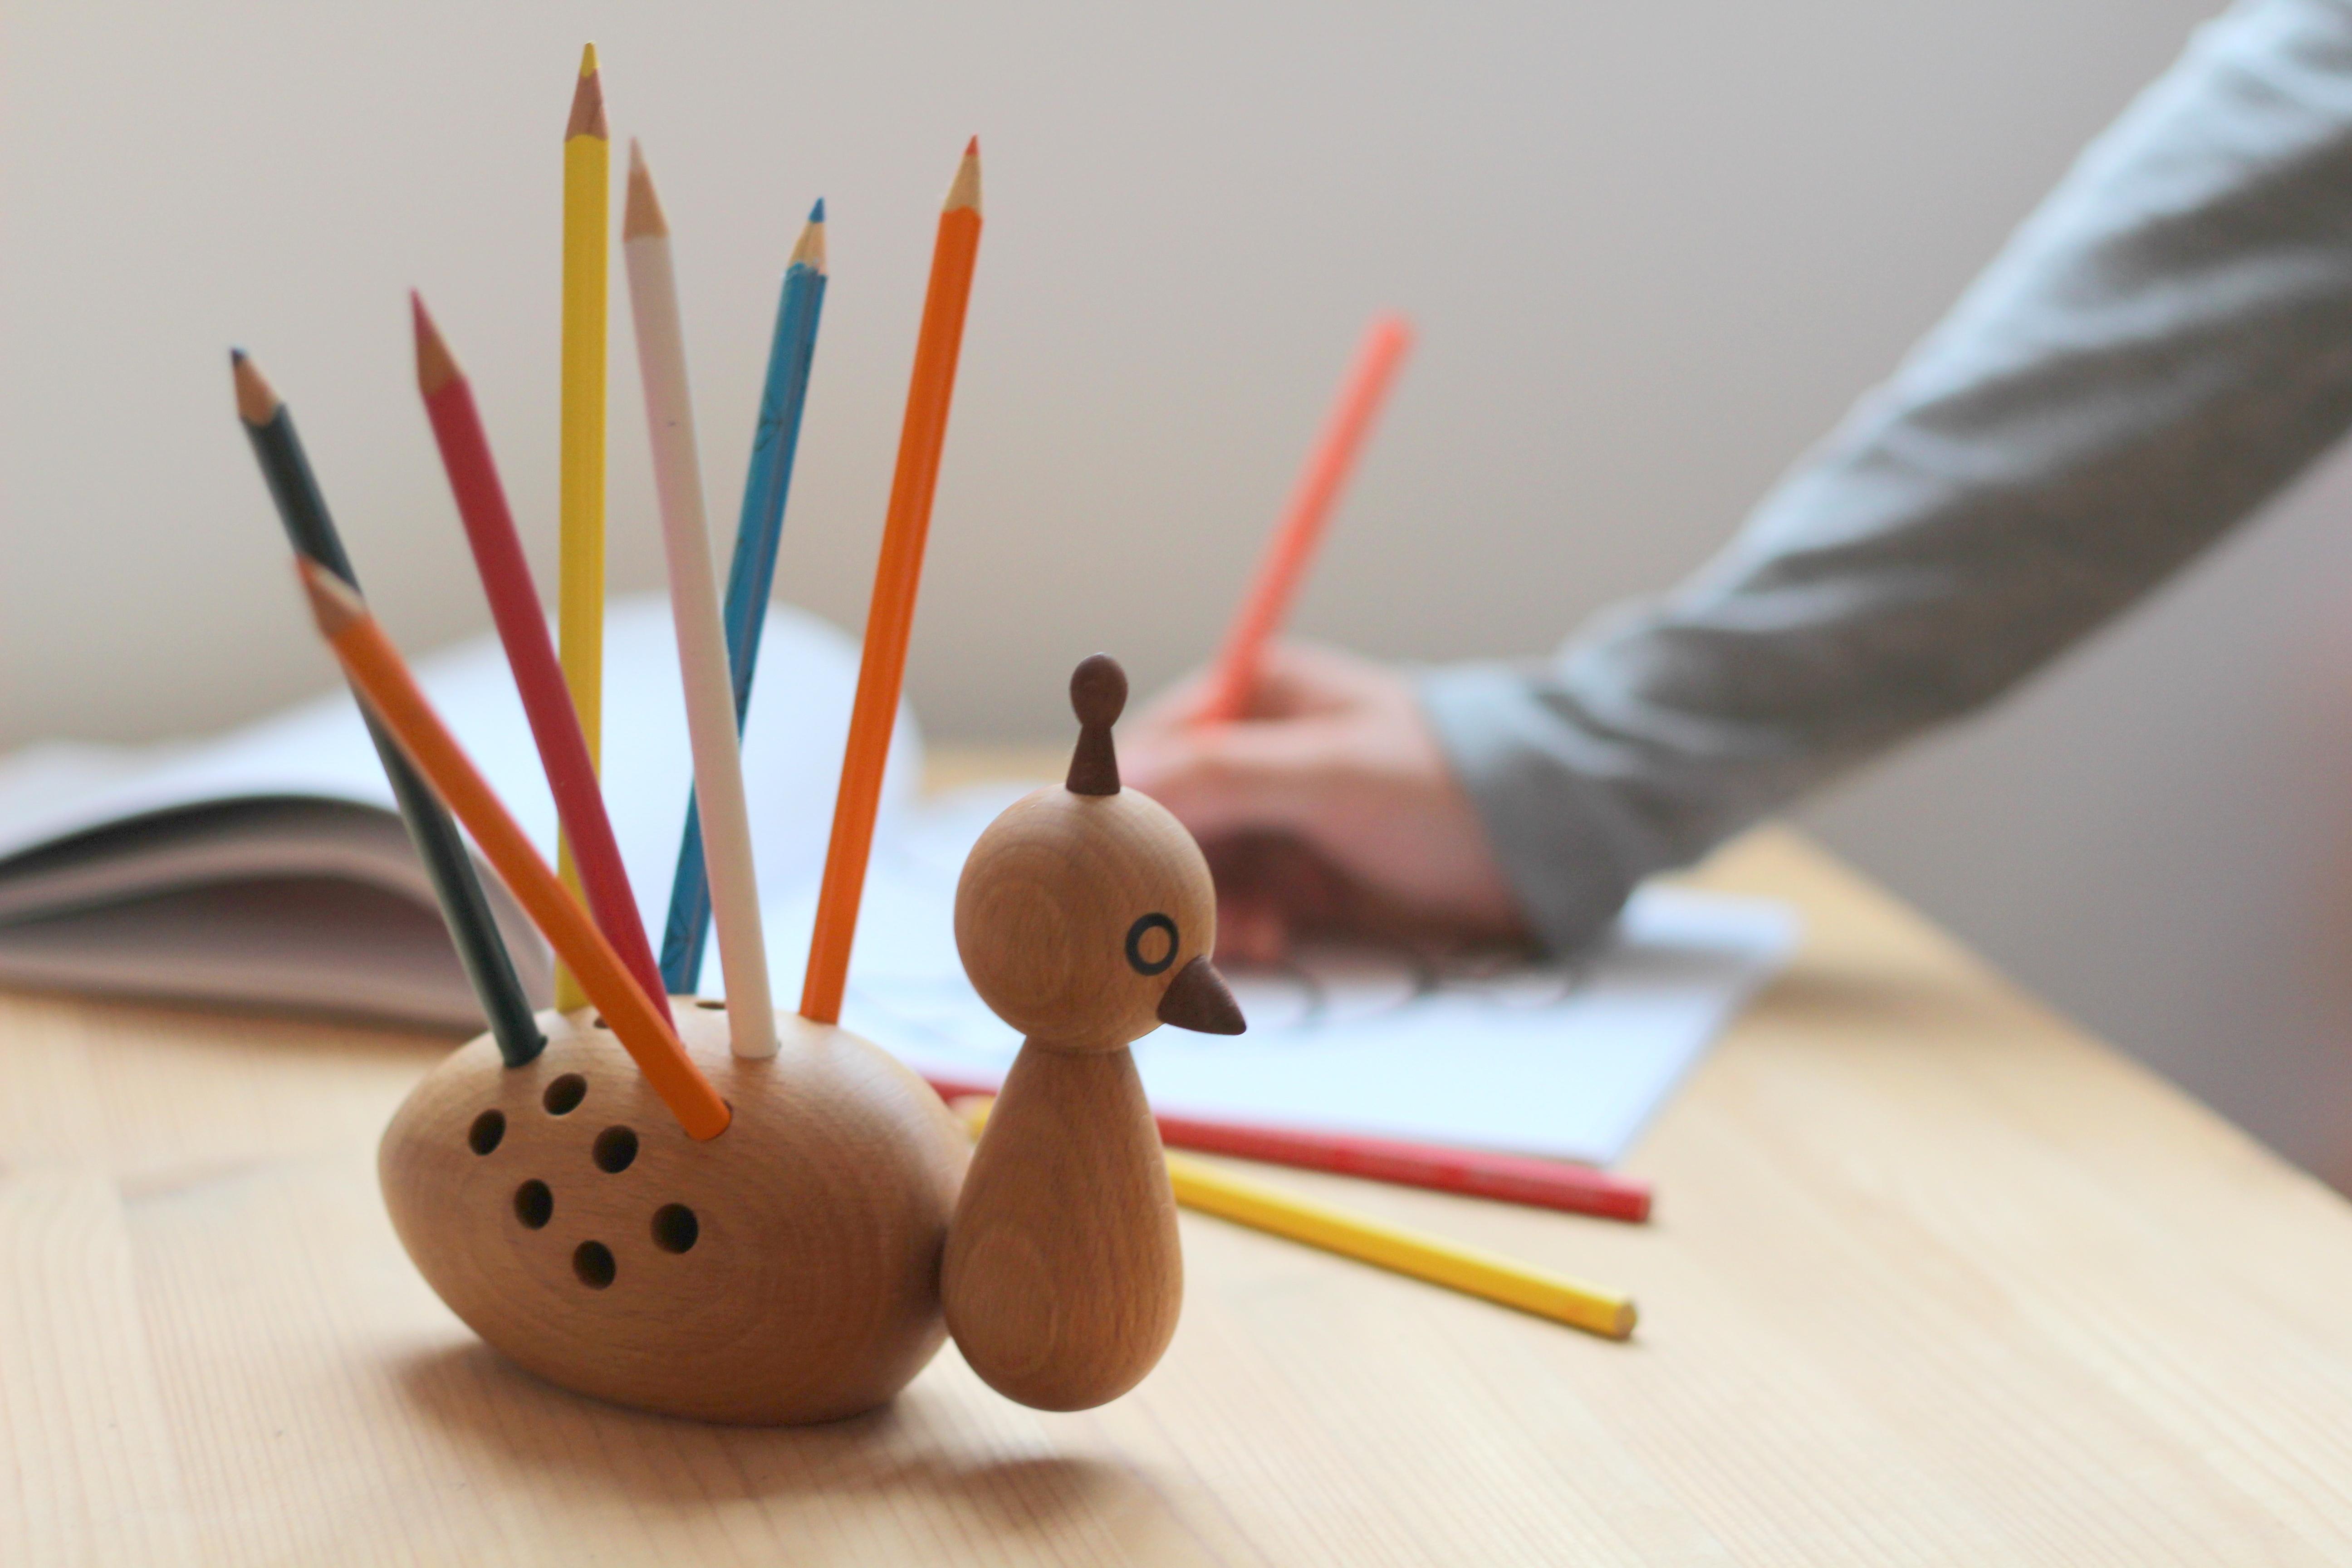 Elements Optimal blyantsholder